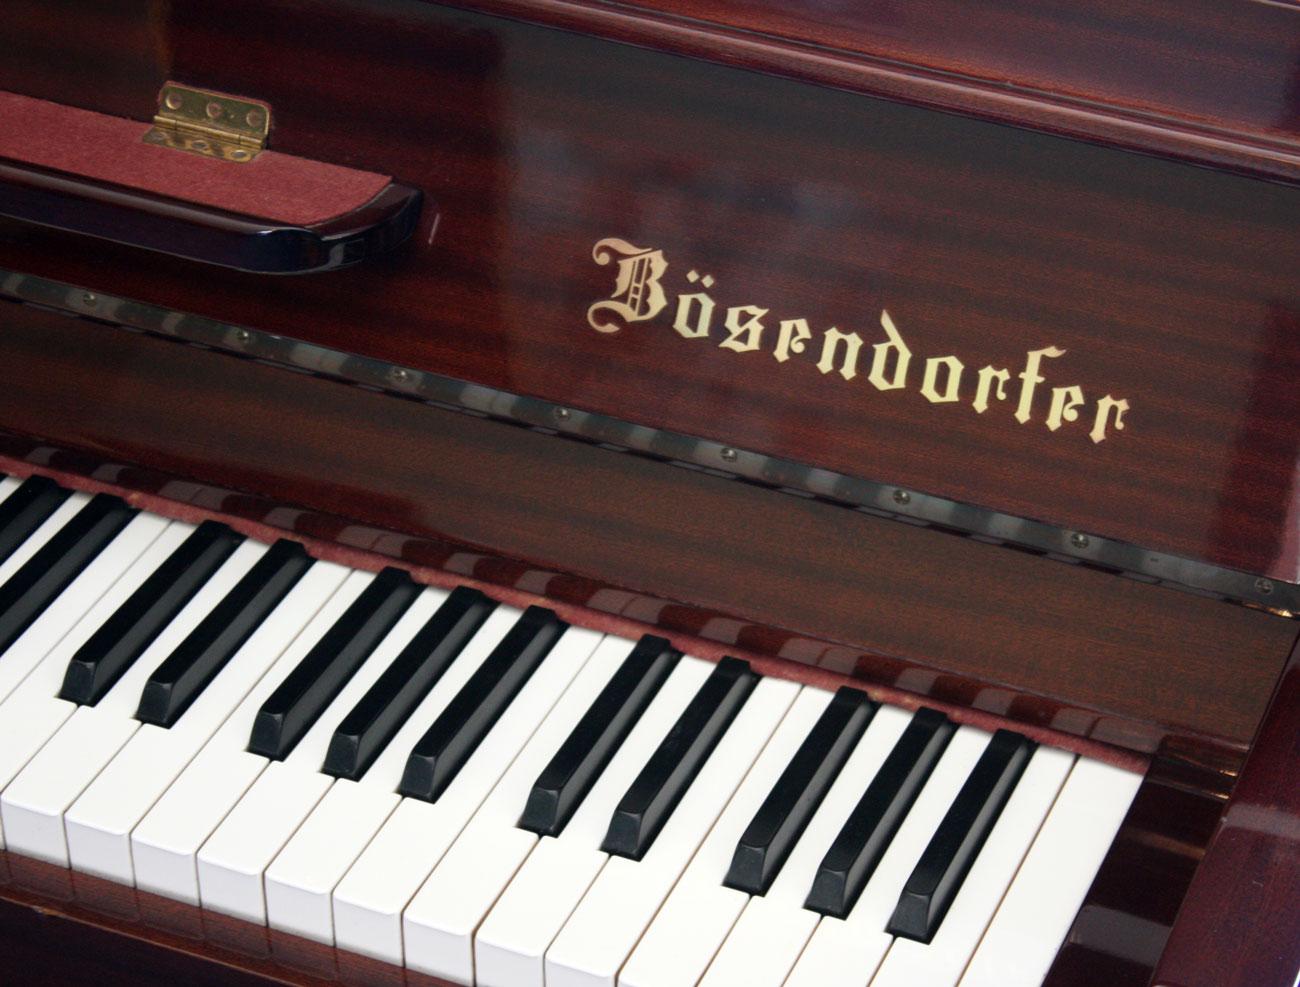 The B 246 Sendorfer 130 Cl Upright Piano The Piano Shop Bath